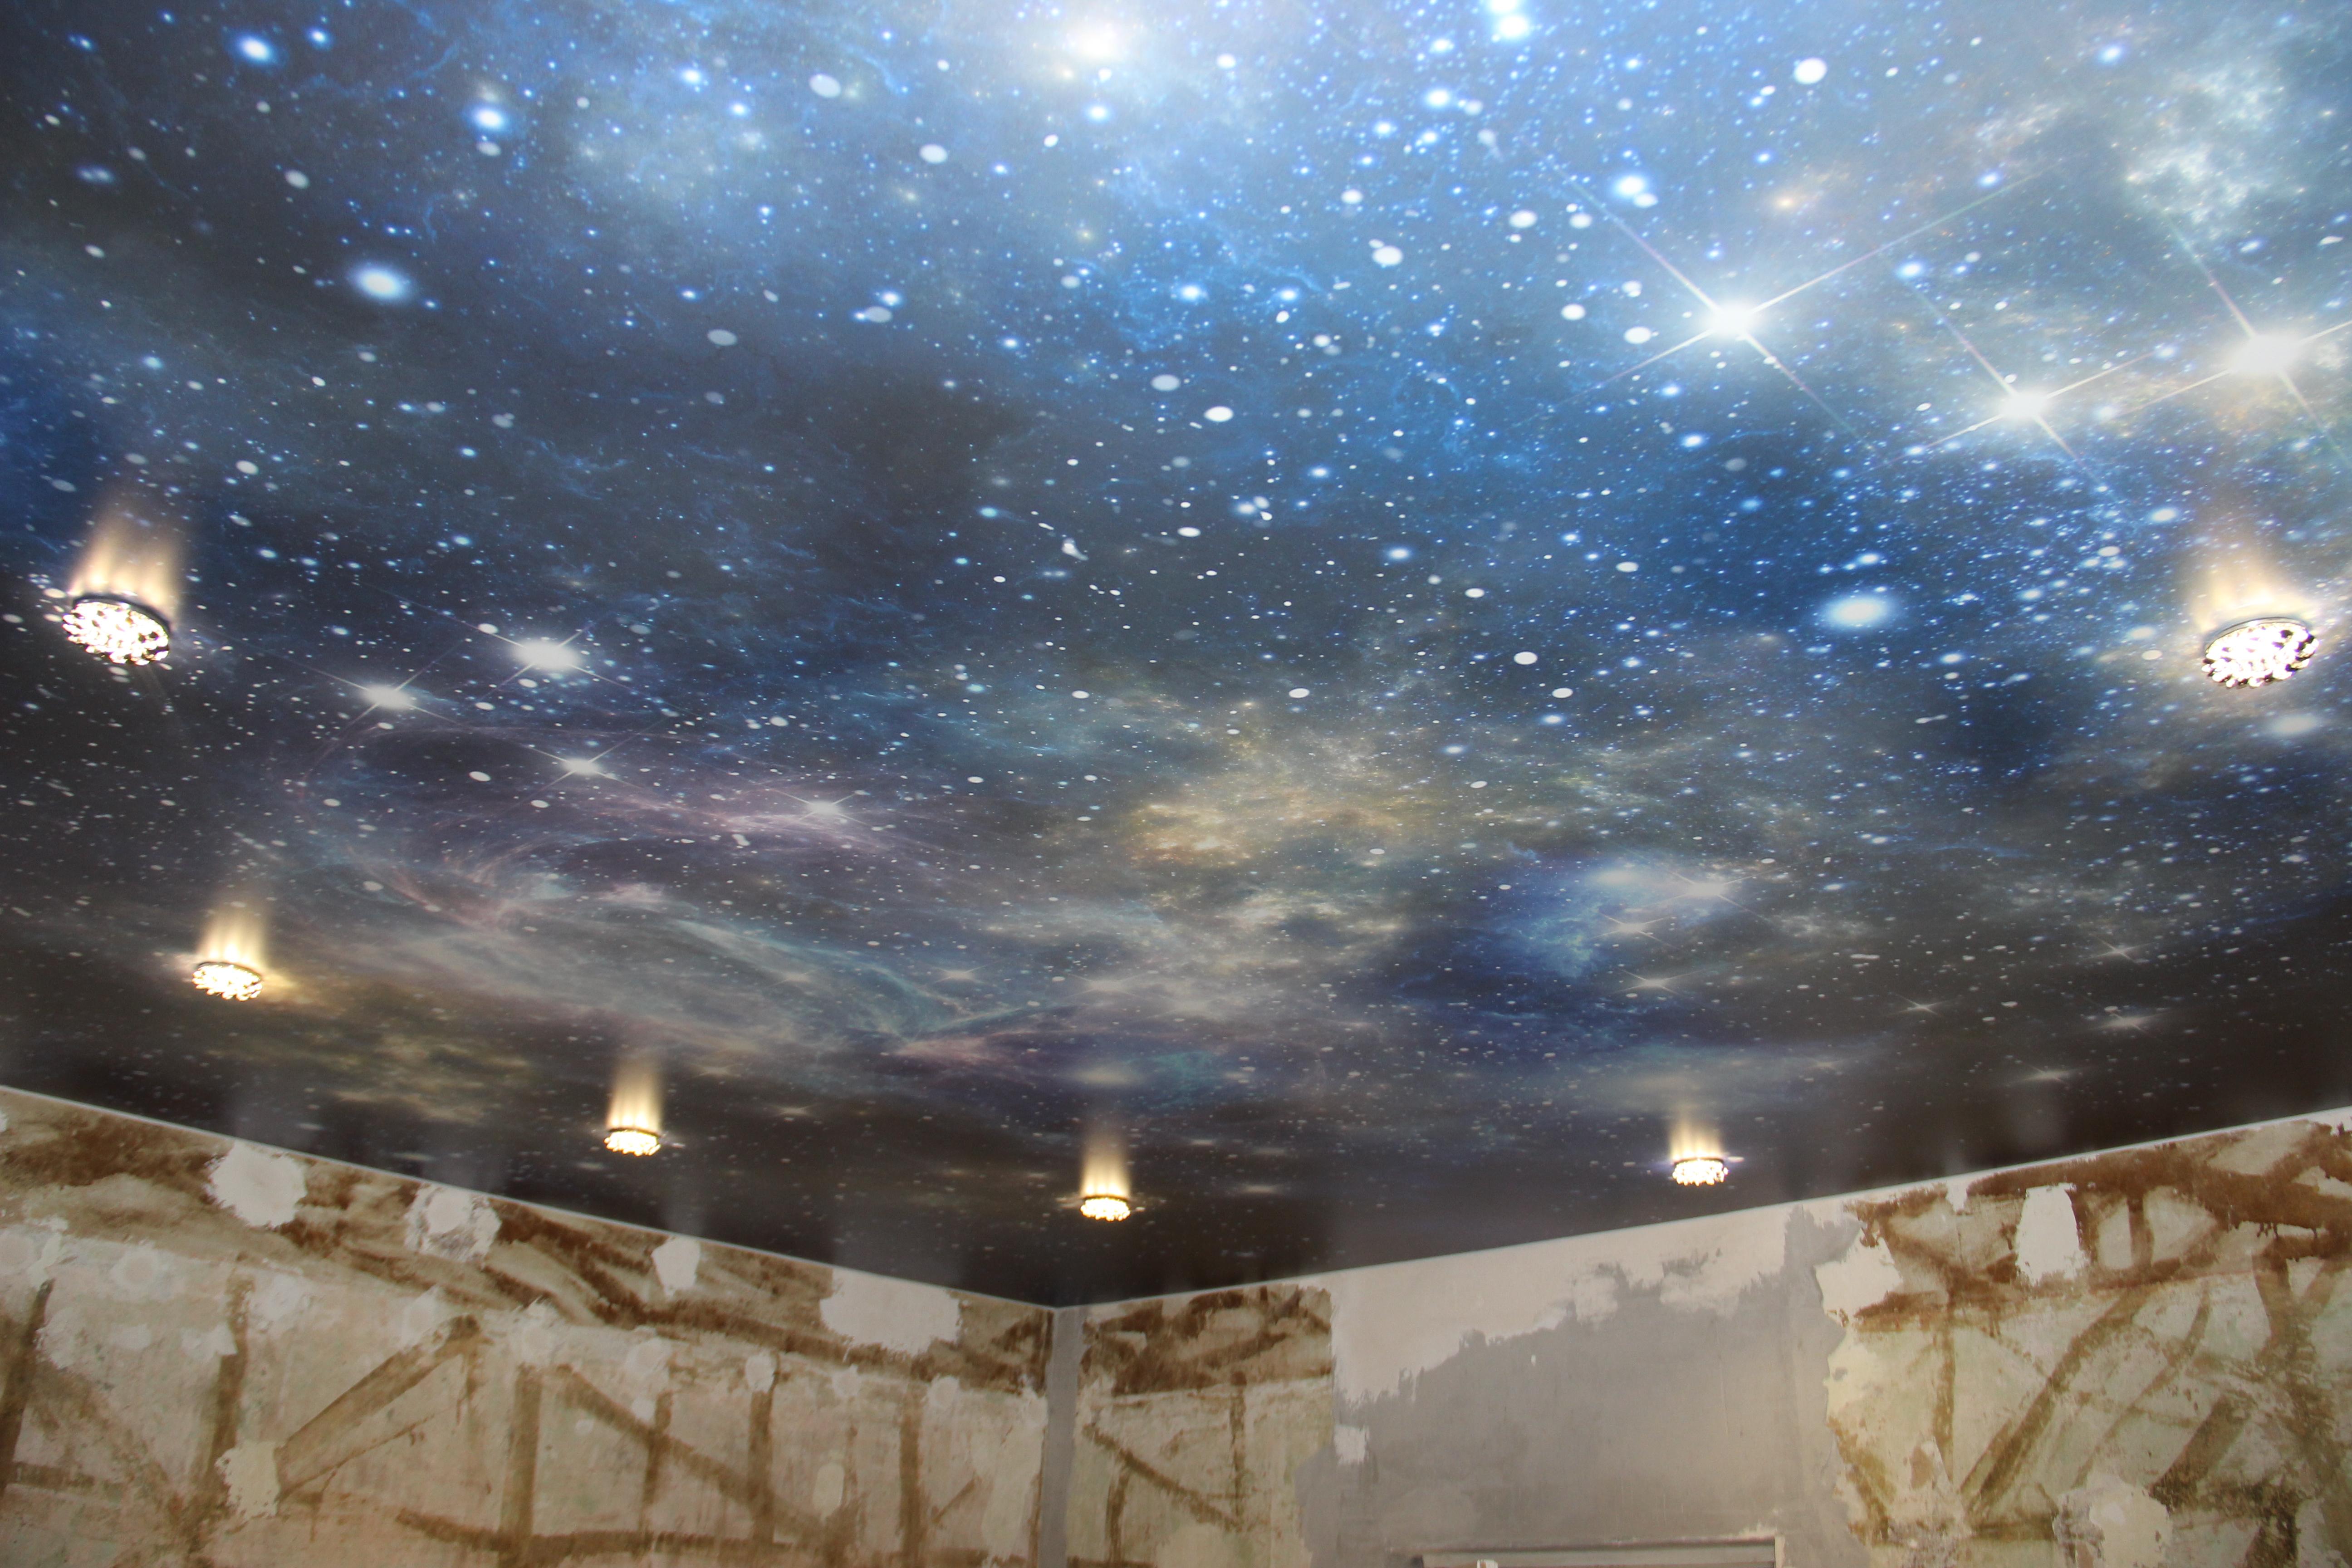 редко образуются звездное небо фотопечать натяжные потолки каталог топор